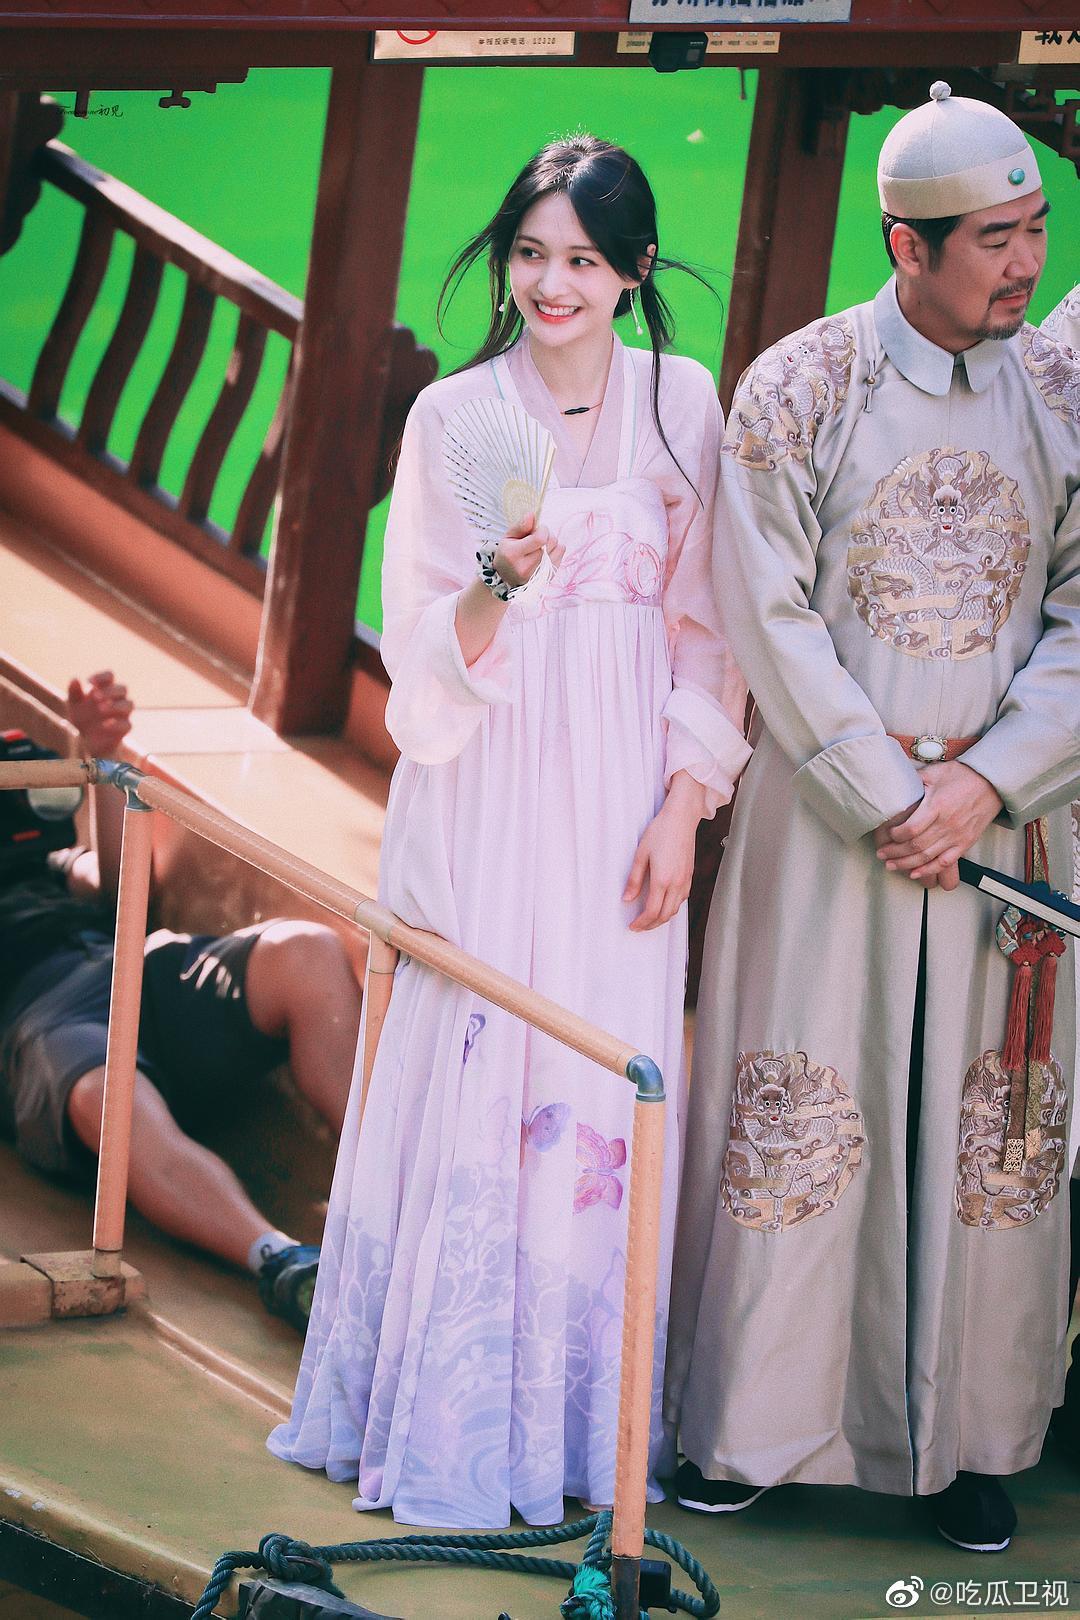 郑爽身穿颐和园最新汉服,好美好仙爽子演过什么穿汉服的角色吗?